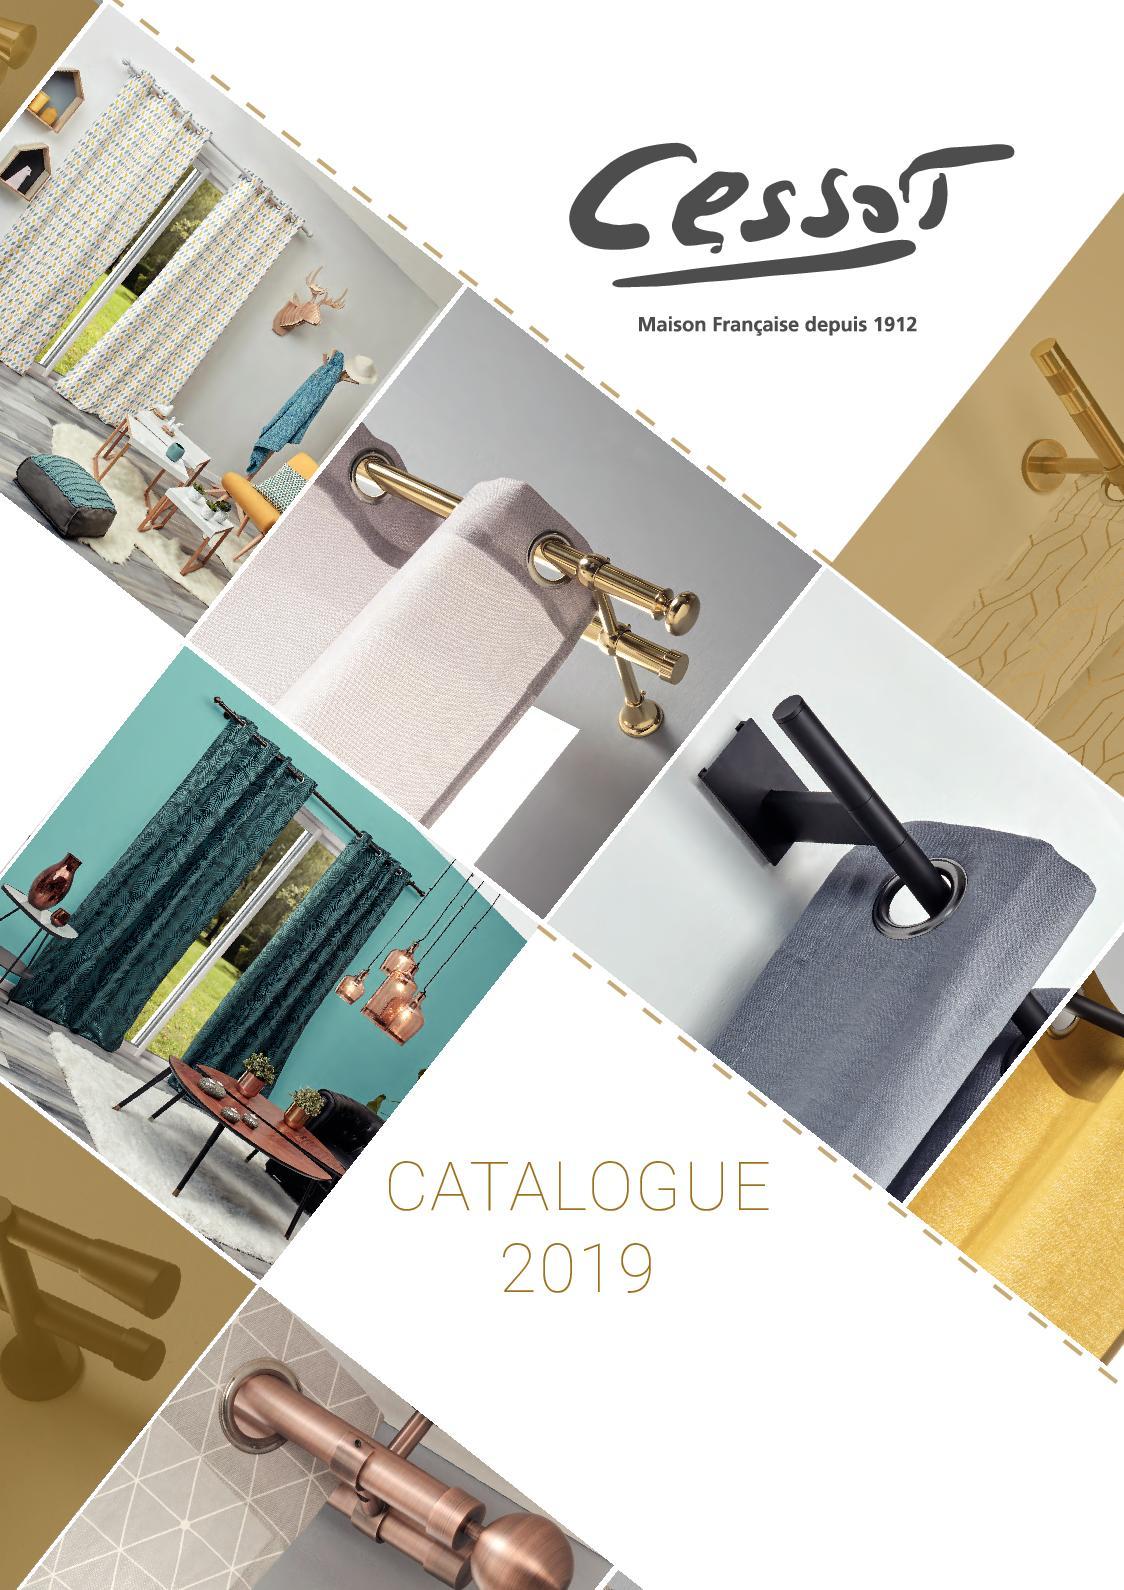 Catalogue Cessot 2019 Pages